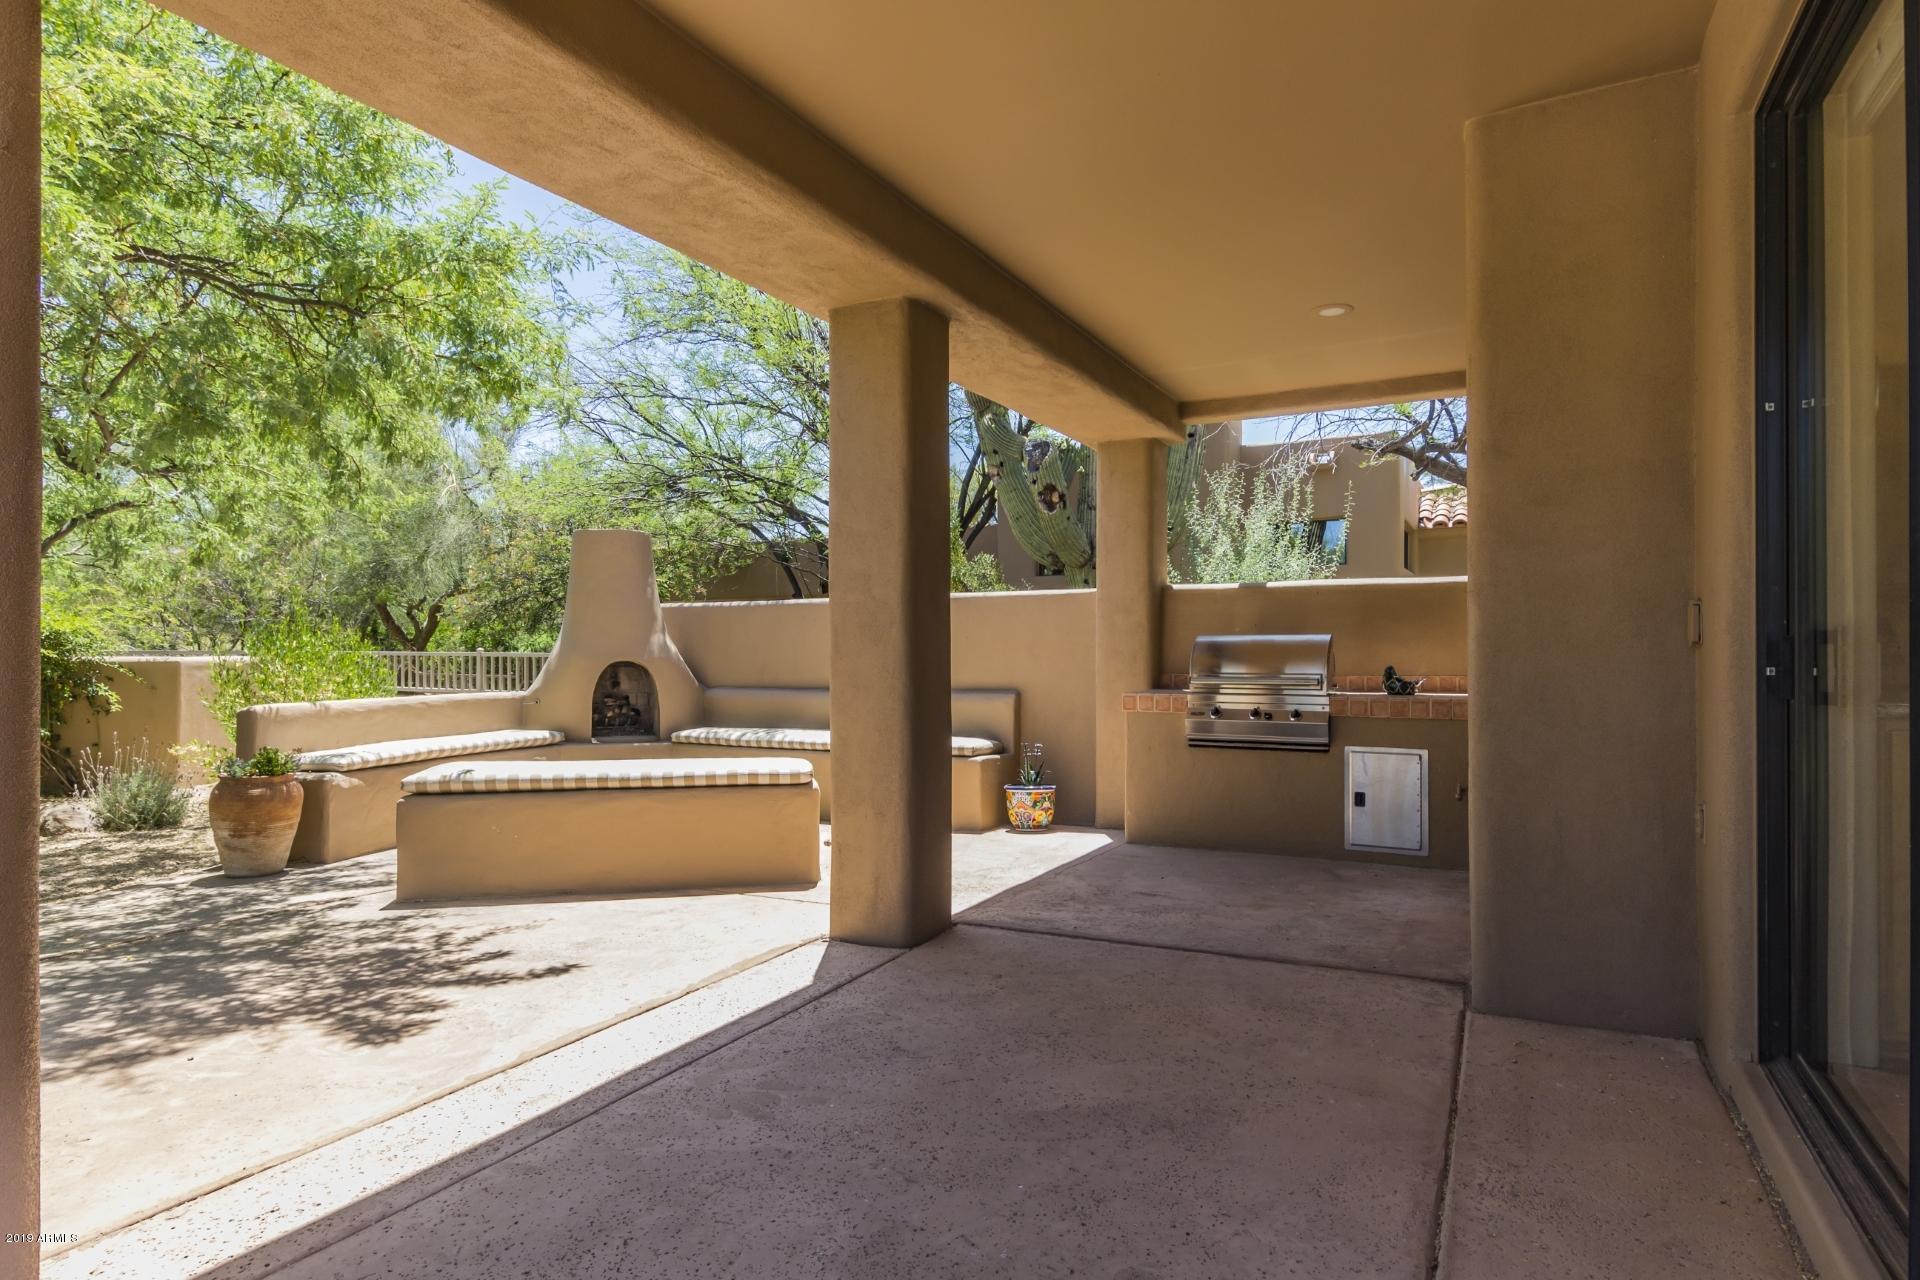 MLS 6016493 7500 E BOULDERS Parkway Unit 34, Scottsdale, AZ 85266 Scottsdale AZ The Boulders